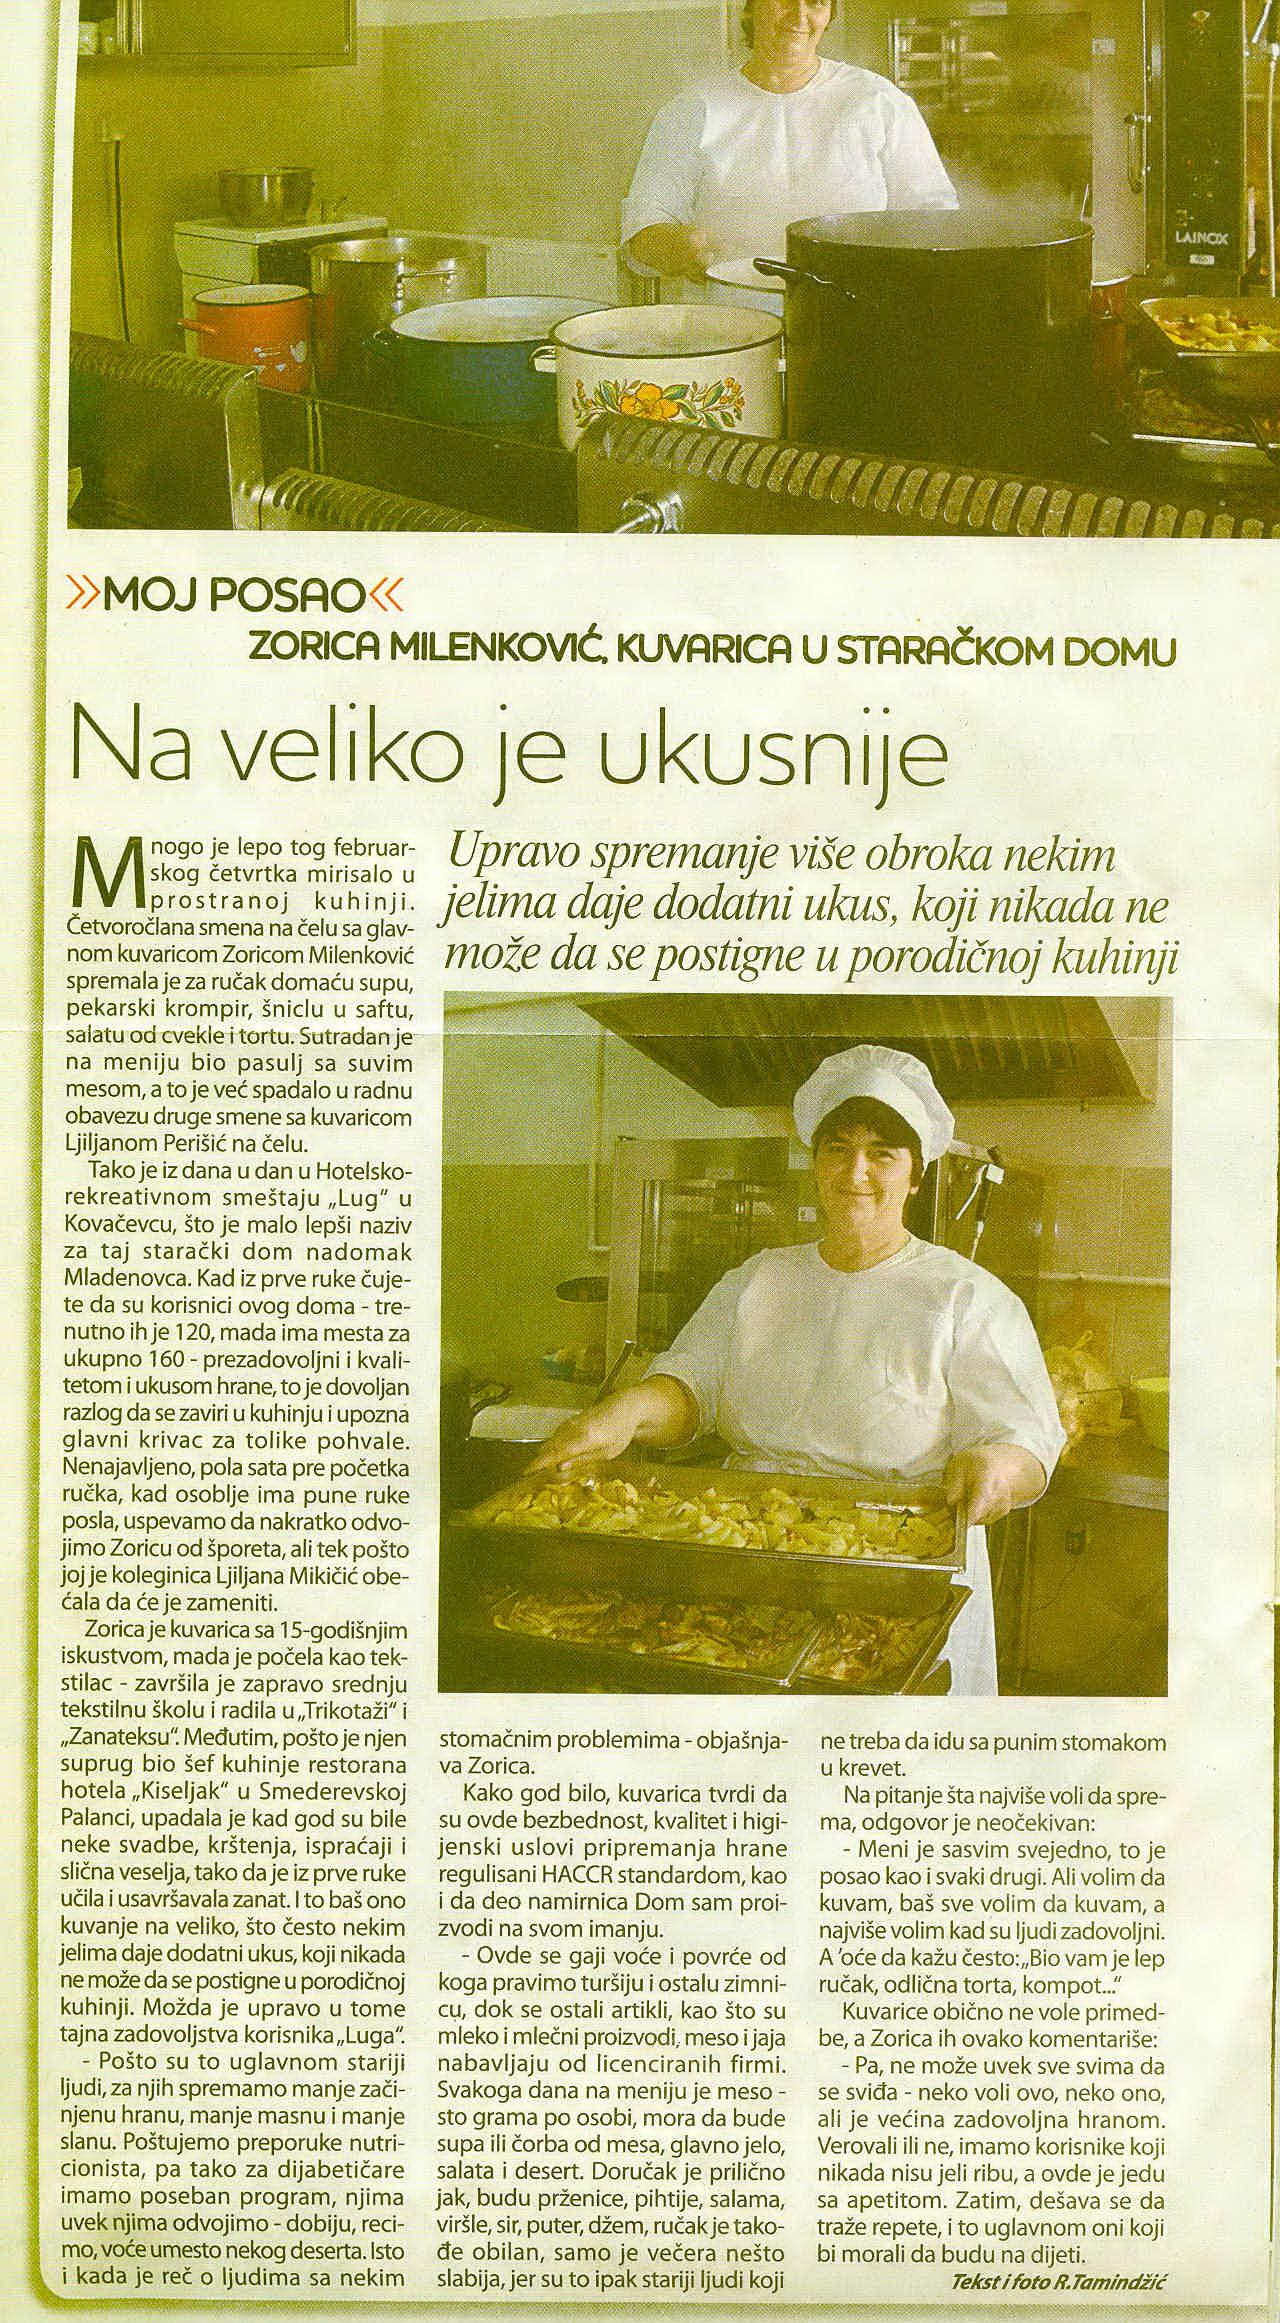 Opis kuhinje i jelovnika Doma za Stare - Nedeljni dodatak Blic-a